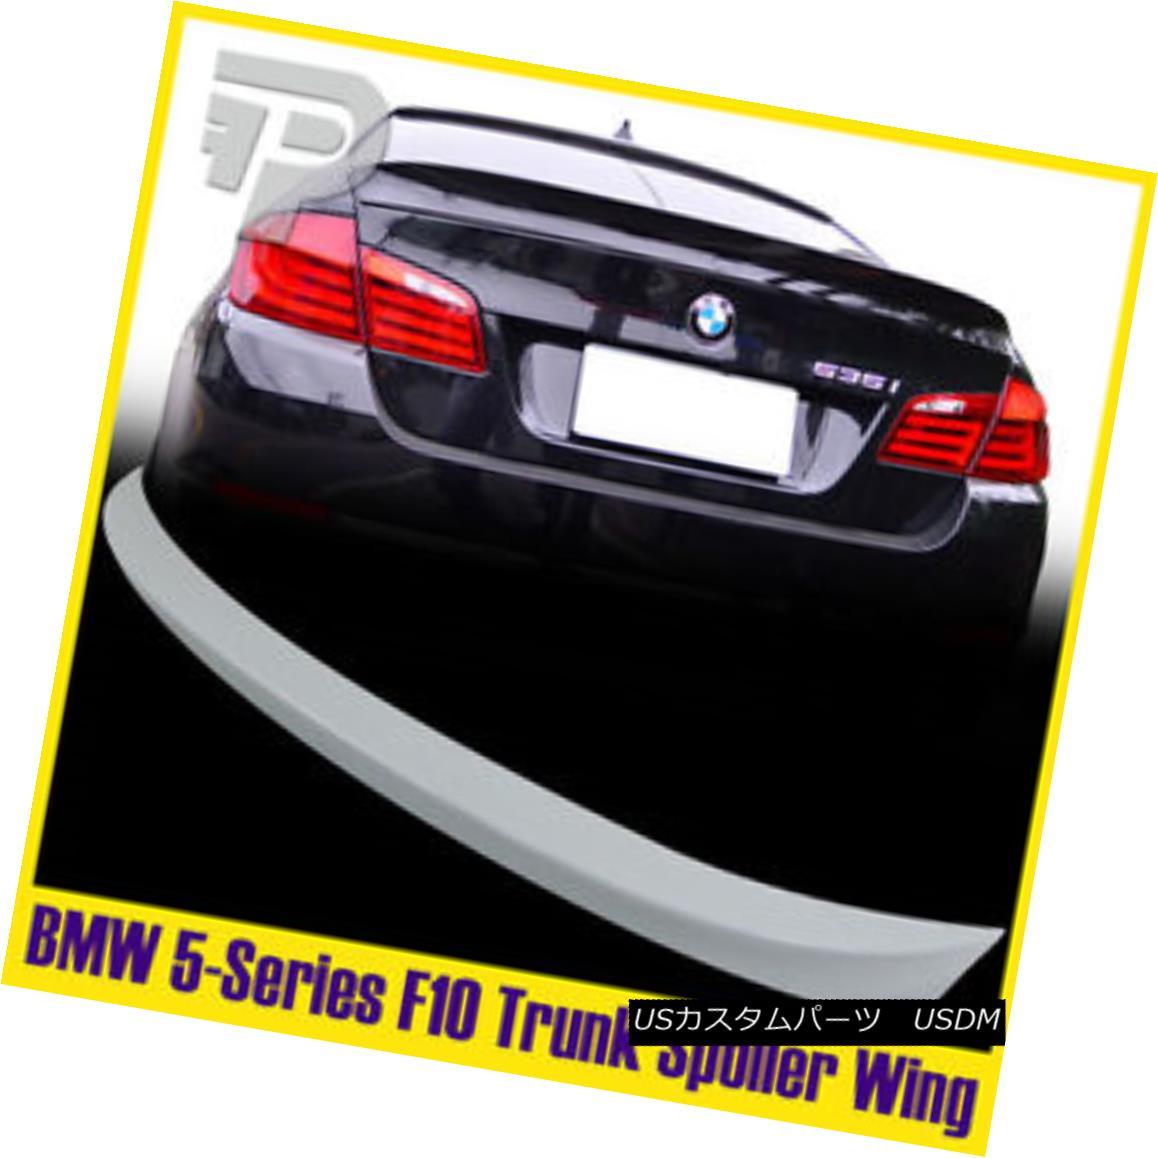 エアロパーツ Painted BMW 5er F10 Saloon A Style Rear Trunk Spoiler Boot Wing #300 White ペイントされたBMW 5er F10サルーンスタイルのリアトランク・スポイラー・ブーツ・ウィング#300ホワイト